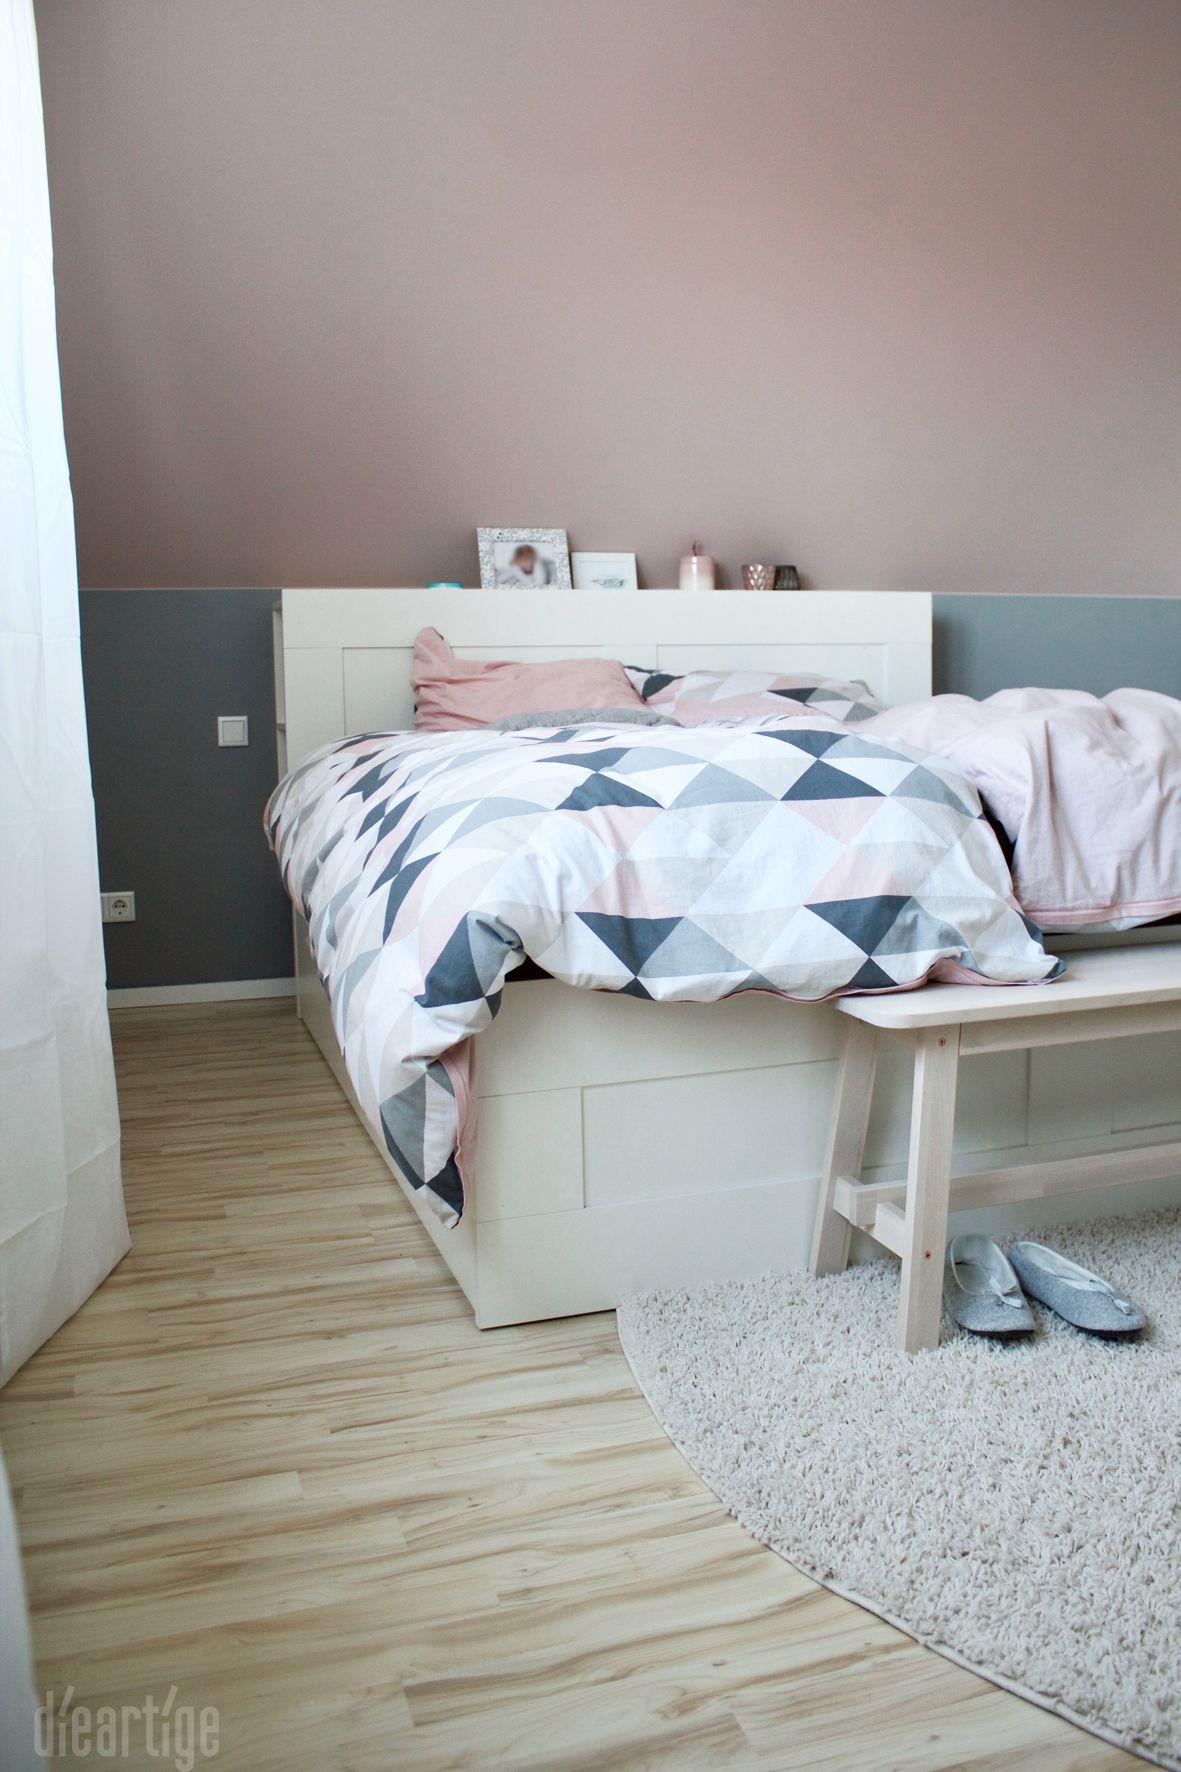 Fam z schlafzimmer ros grau wei for Raumgestaltung und innenarchitektur